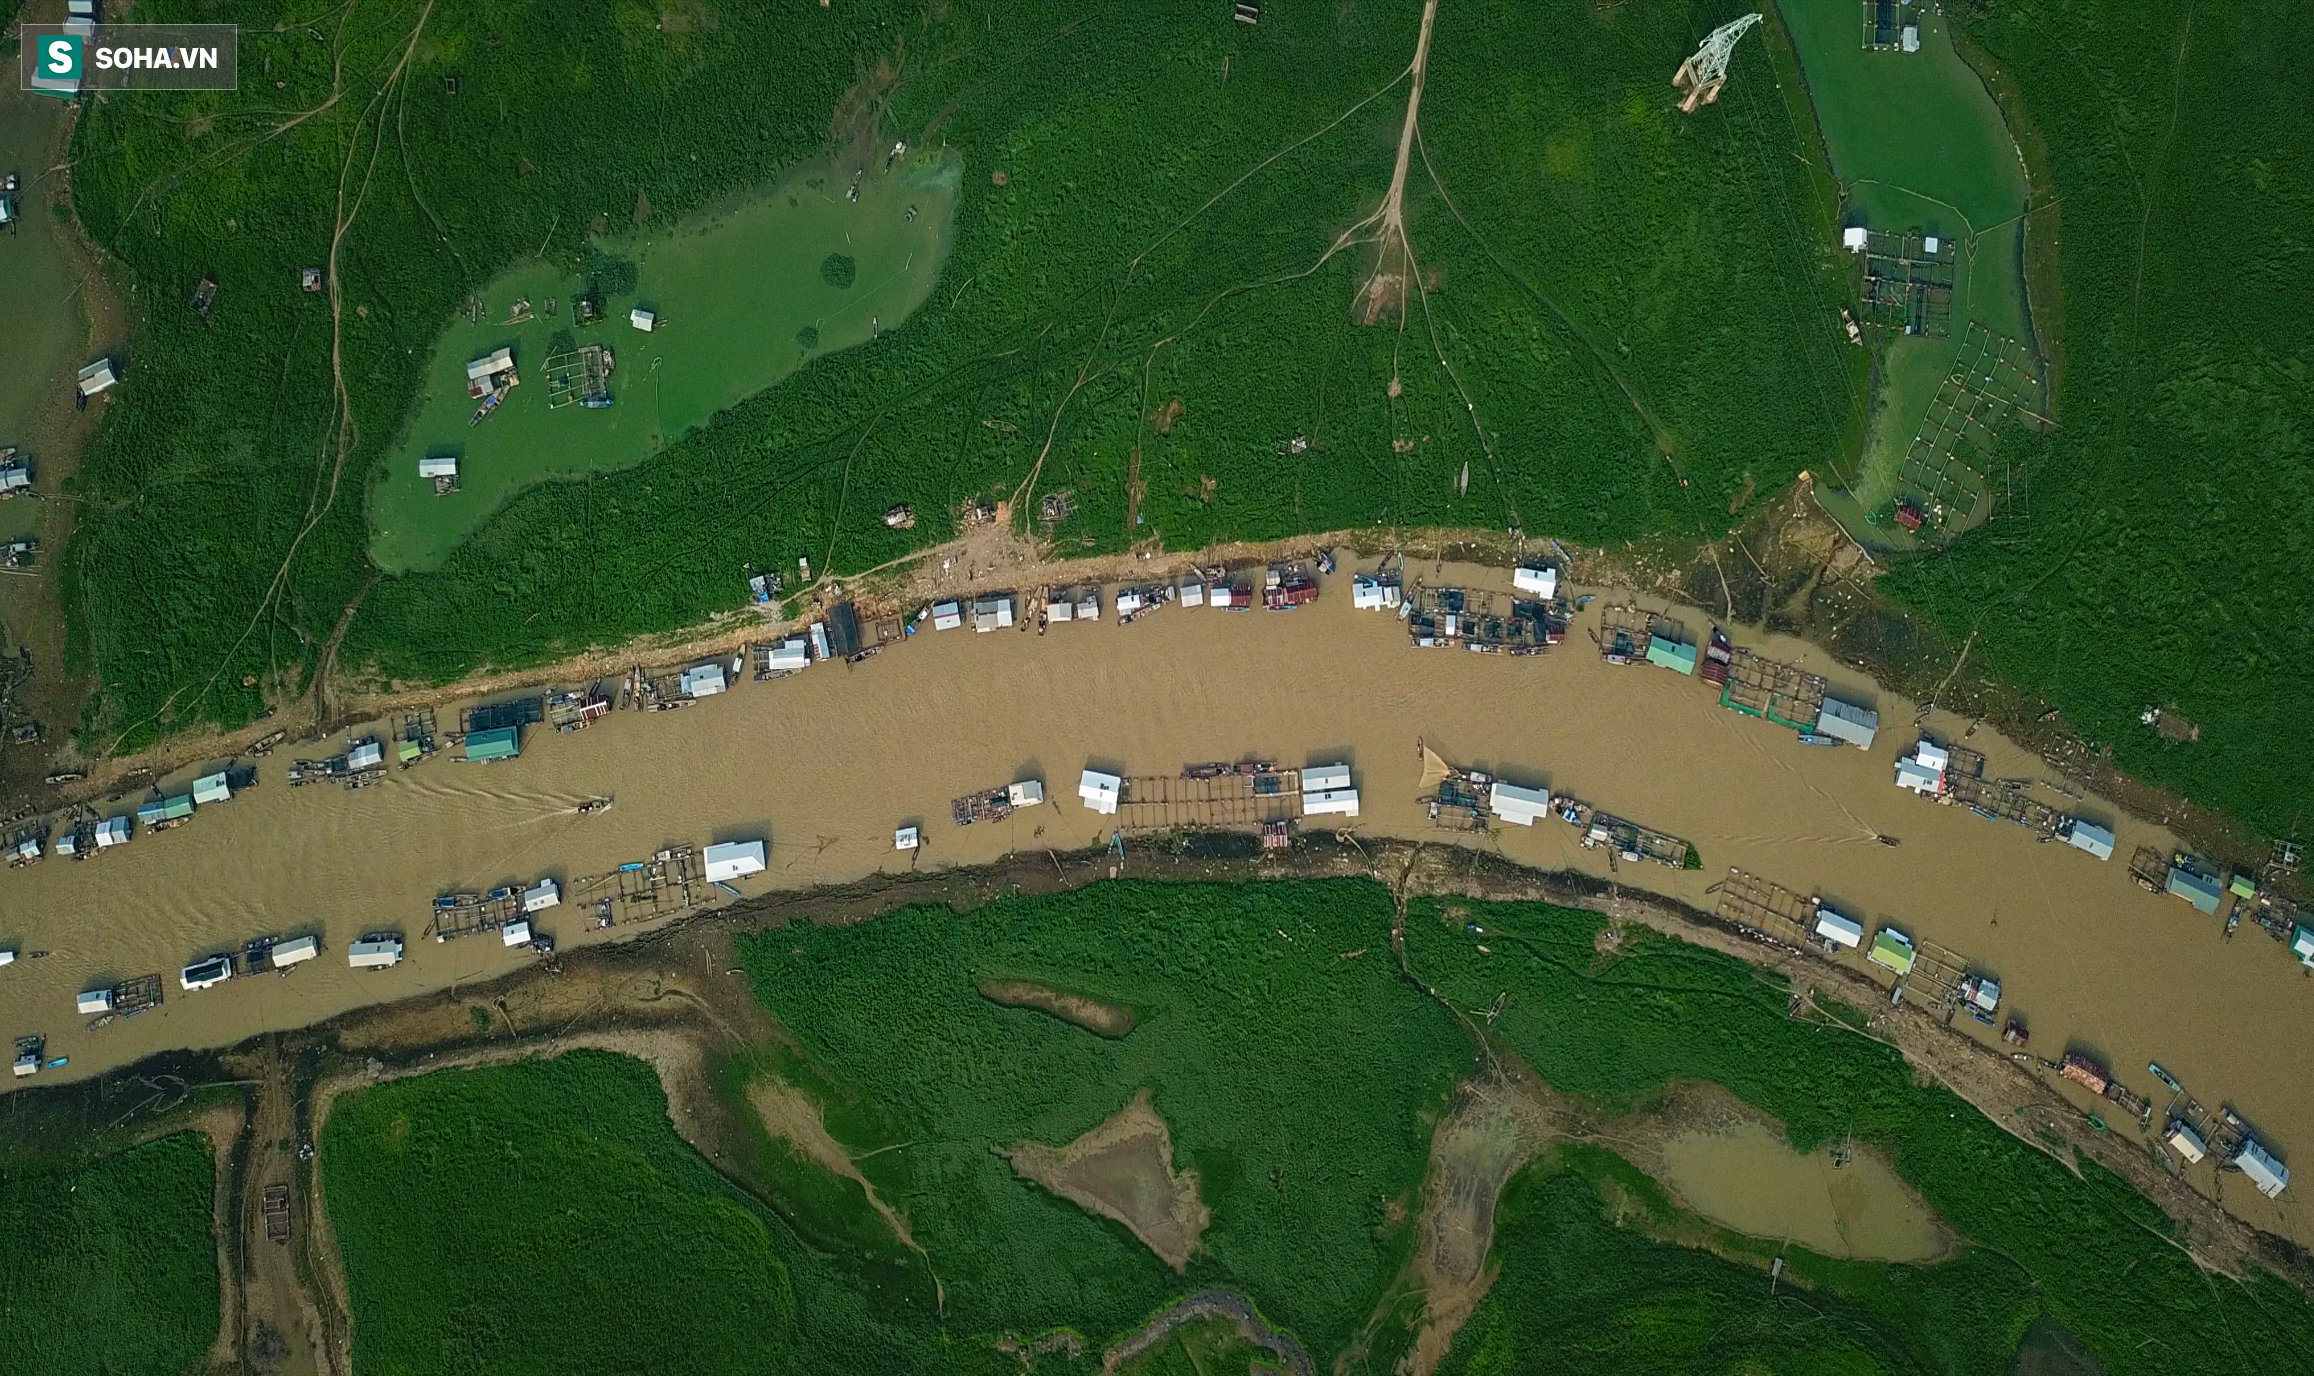 [ẢNH] 200 nhà bè mắc cạn giữa thảm cỏ xanh mướt ở lòng hồ Trị An - Ảnh 9.